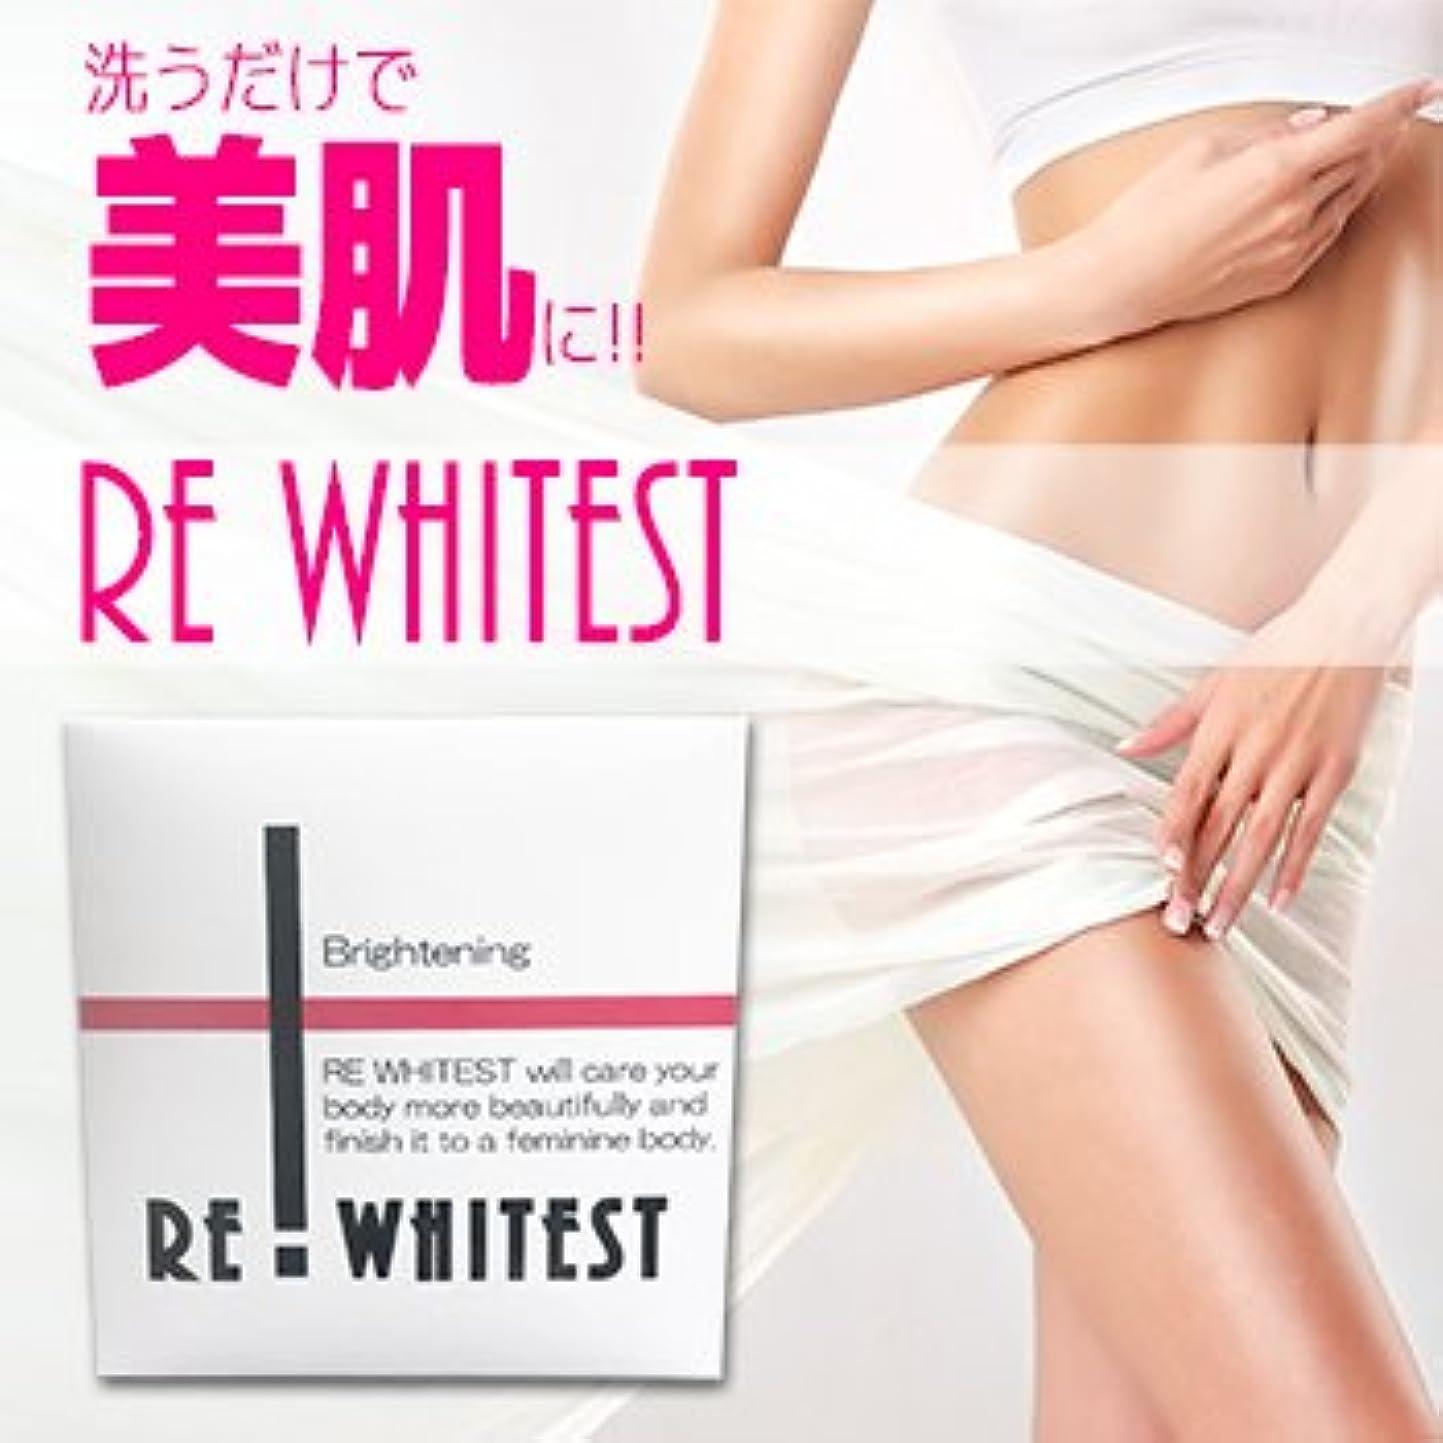 最適六月分岐するパパイン+イソフラボン配合女性用美肌石鹸 REWHITEST-リホワイテスト-